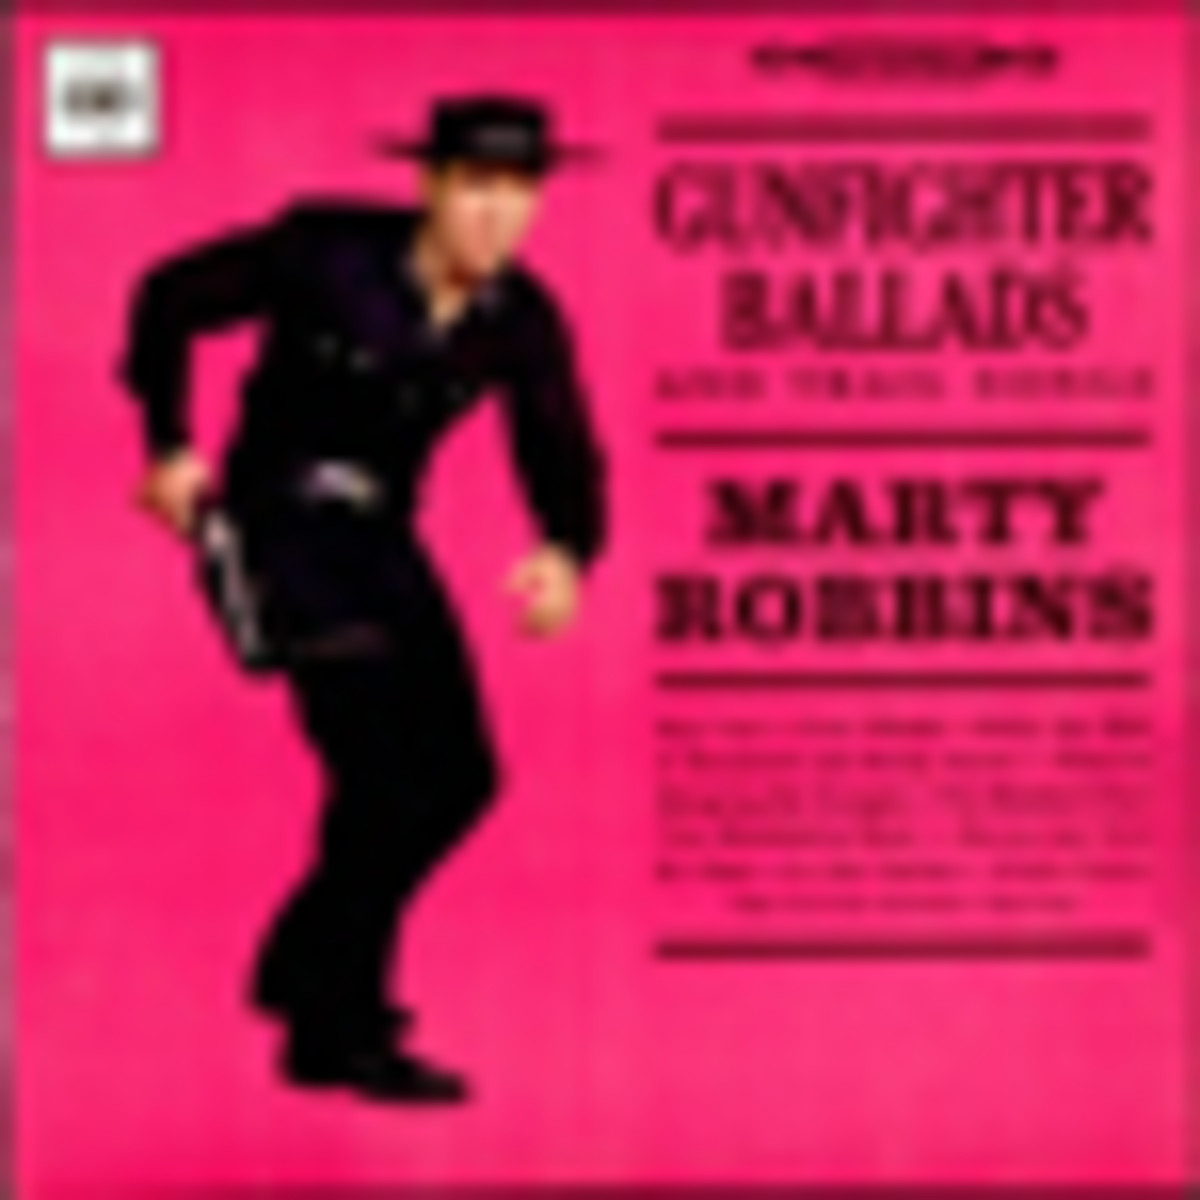 Marty Robbins Gunfighter Ballads